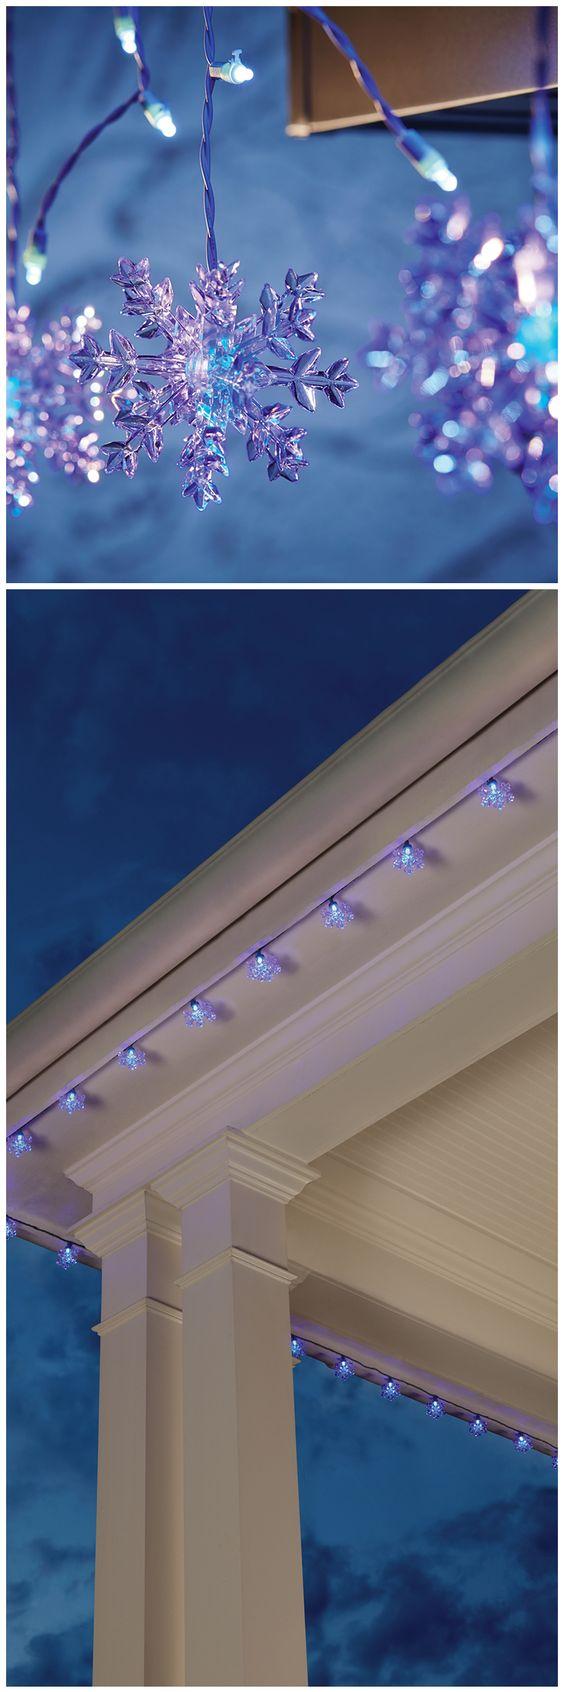 led christmas lights christmas lights and home depot on pinterest. Black Bedroom Furniture Sets. Home Design Ideas